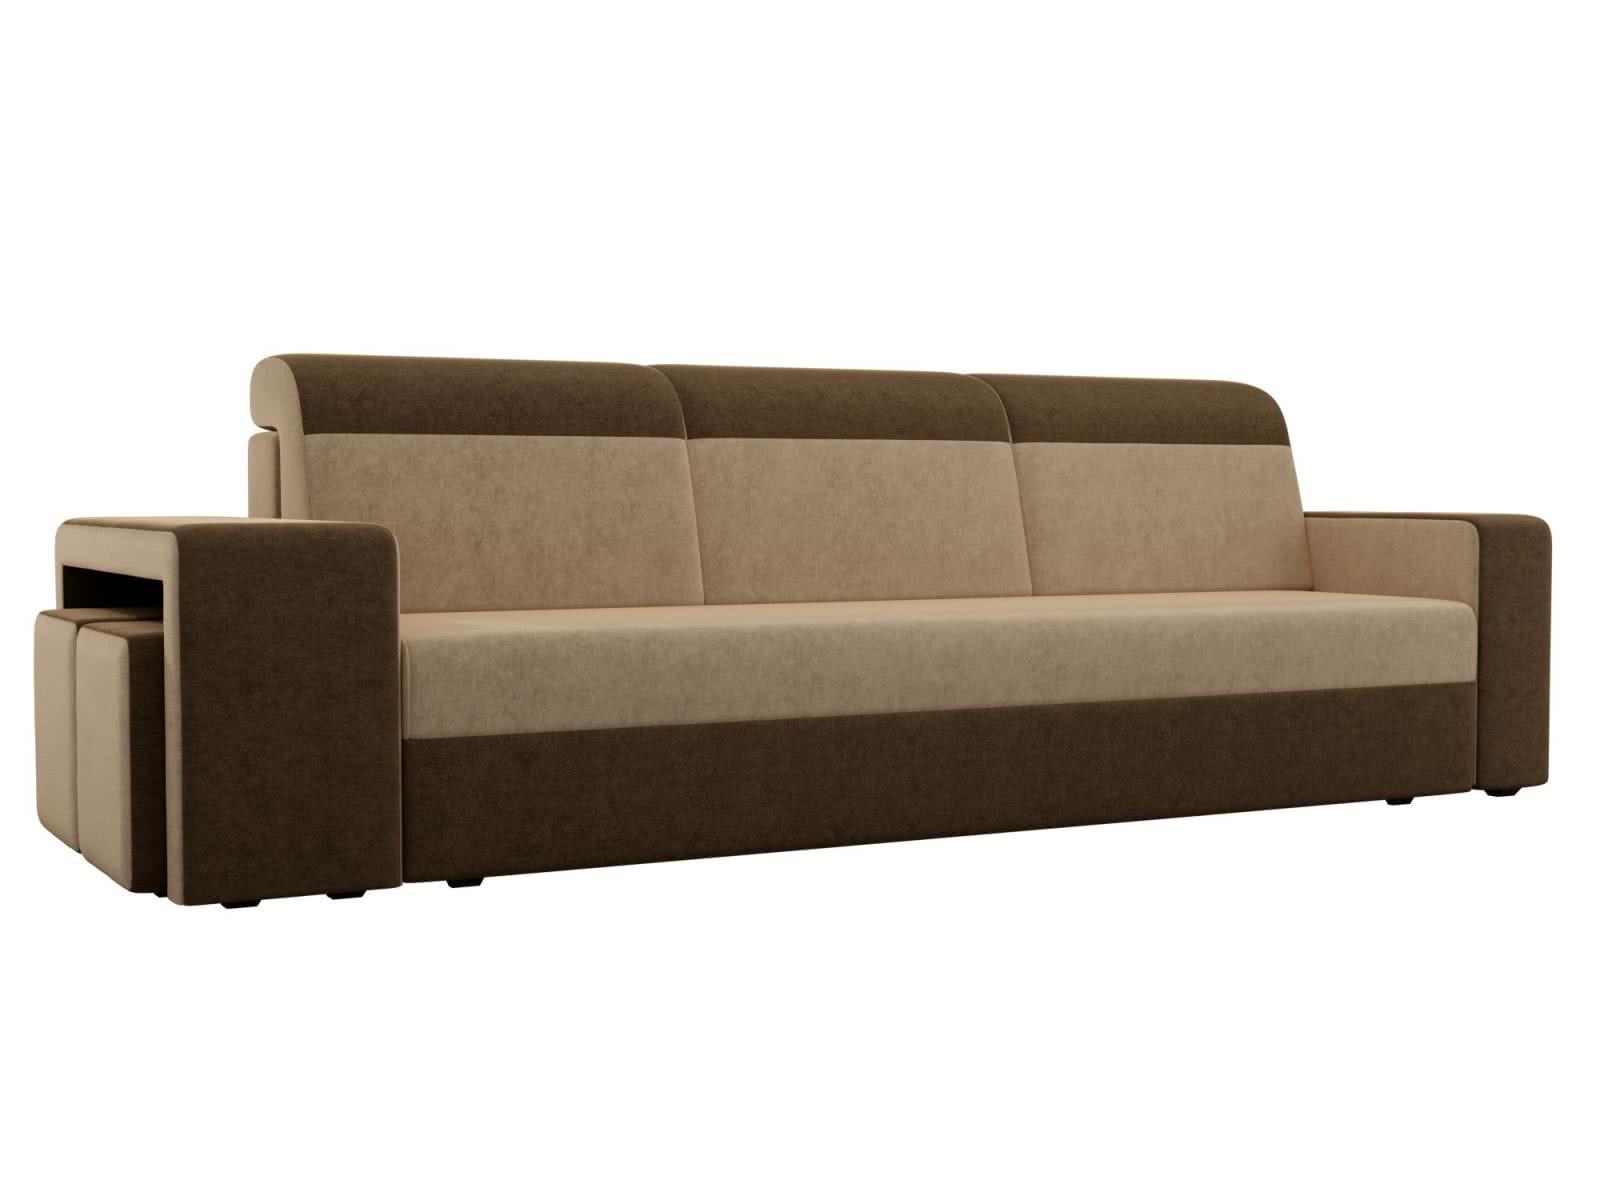 Диван прямой Мебелико Модена с двумя пуфами микровельвет бежевый/коричневый